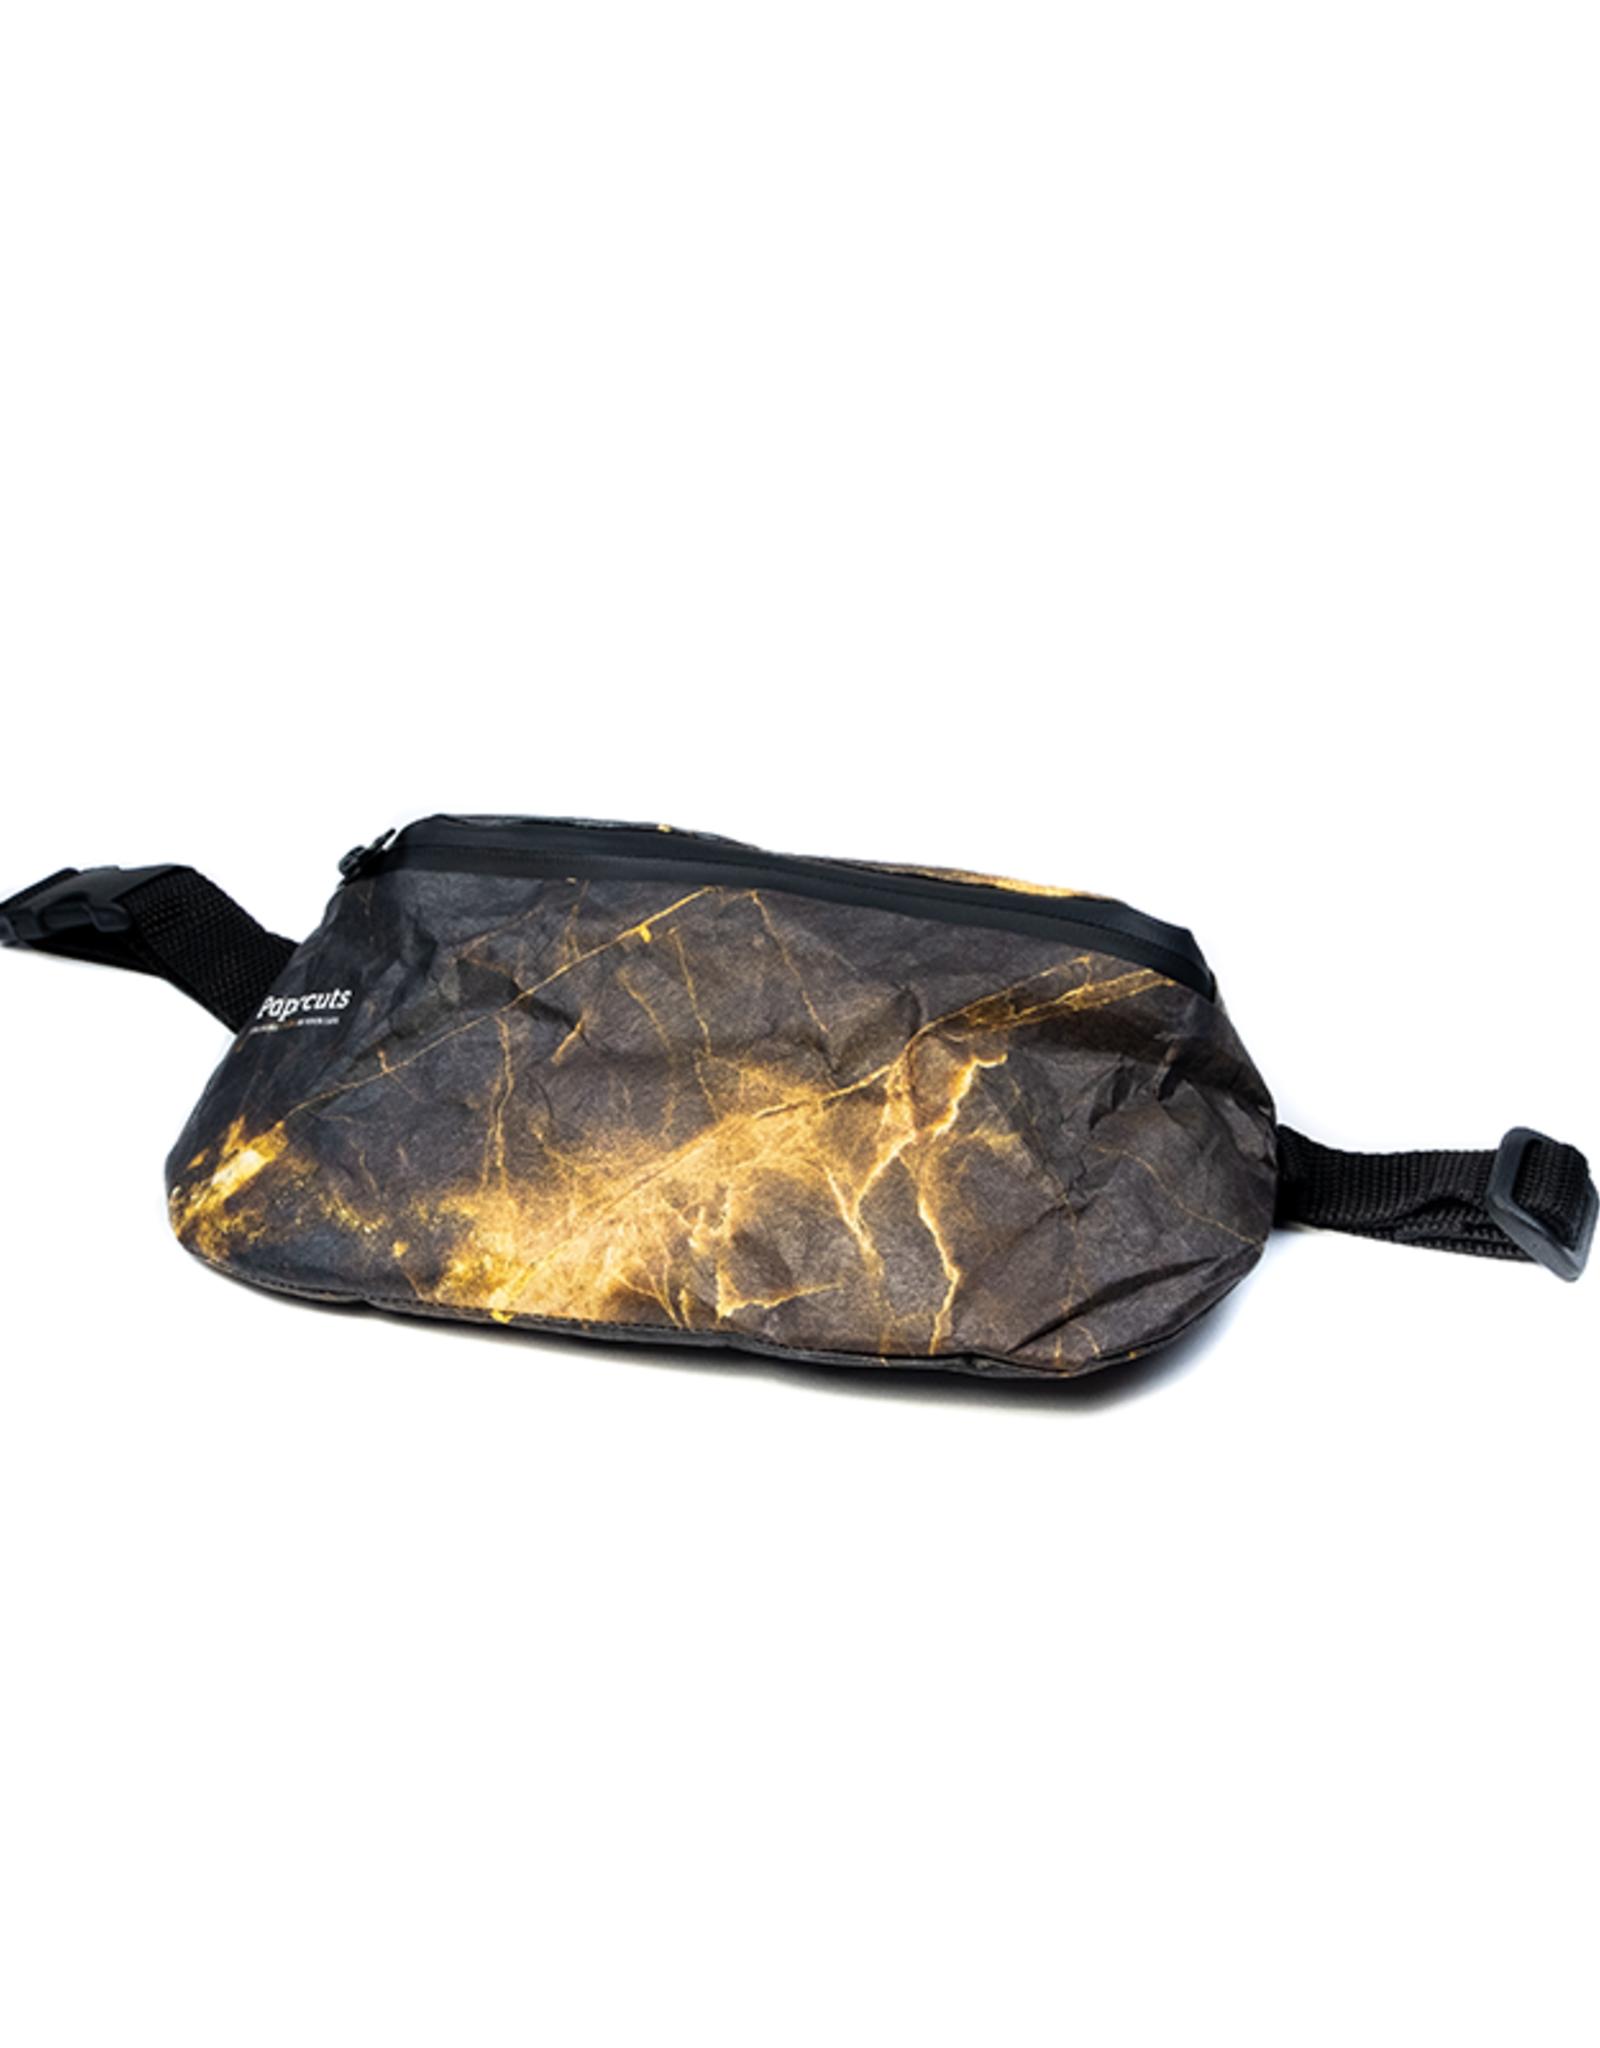 Paprcuts Bauchtasche - Black Marble Tyvek